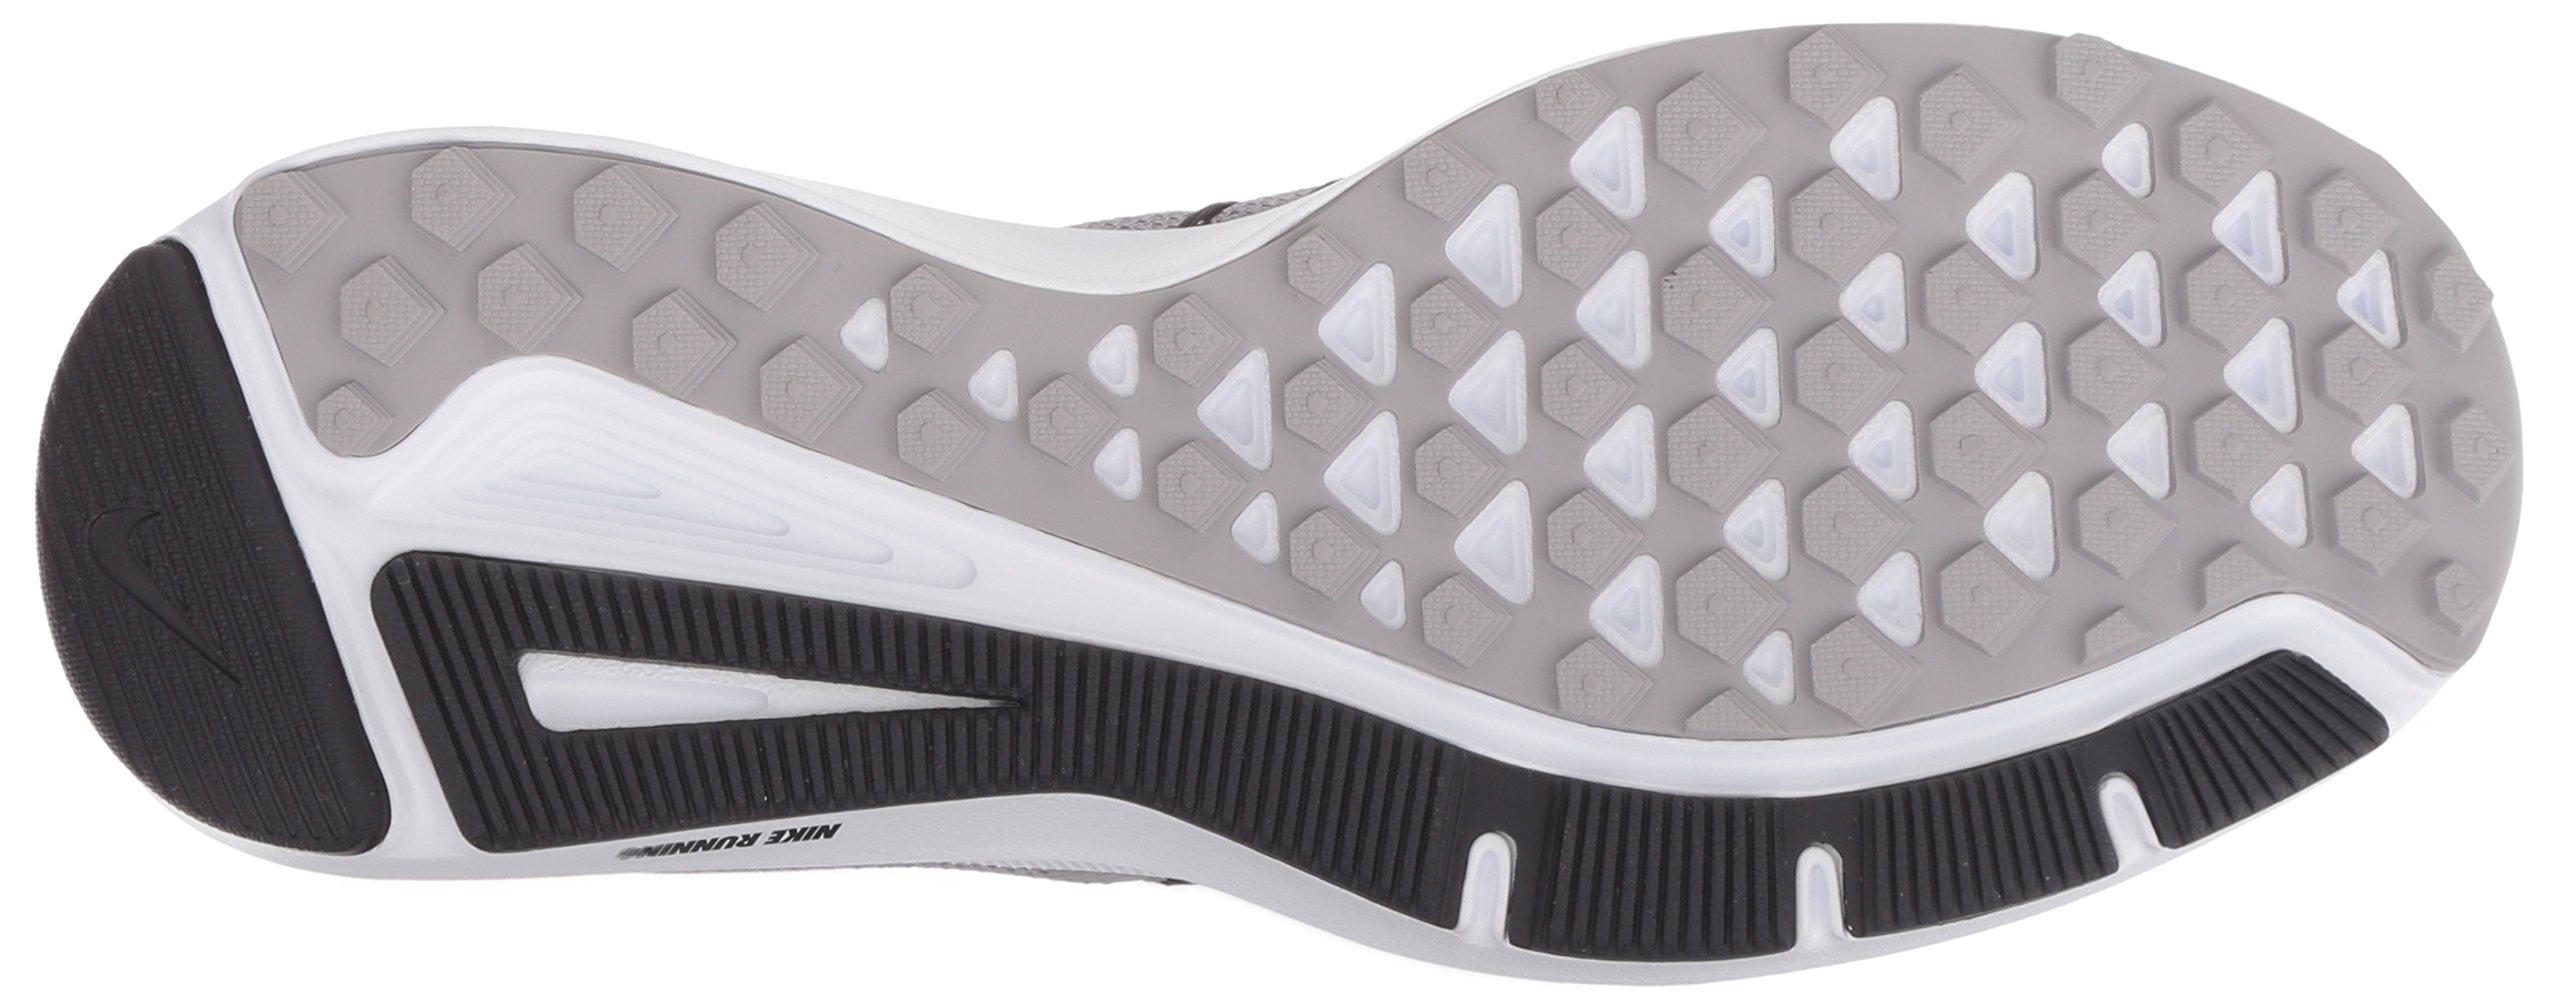 NIKE Women's Swift Running Shoe, Atmosphere Grey/Flash Crimson, 9.5 Regular US by NIKE (Image #3)